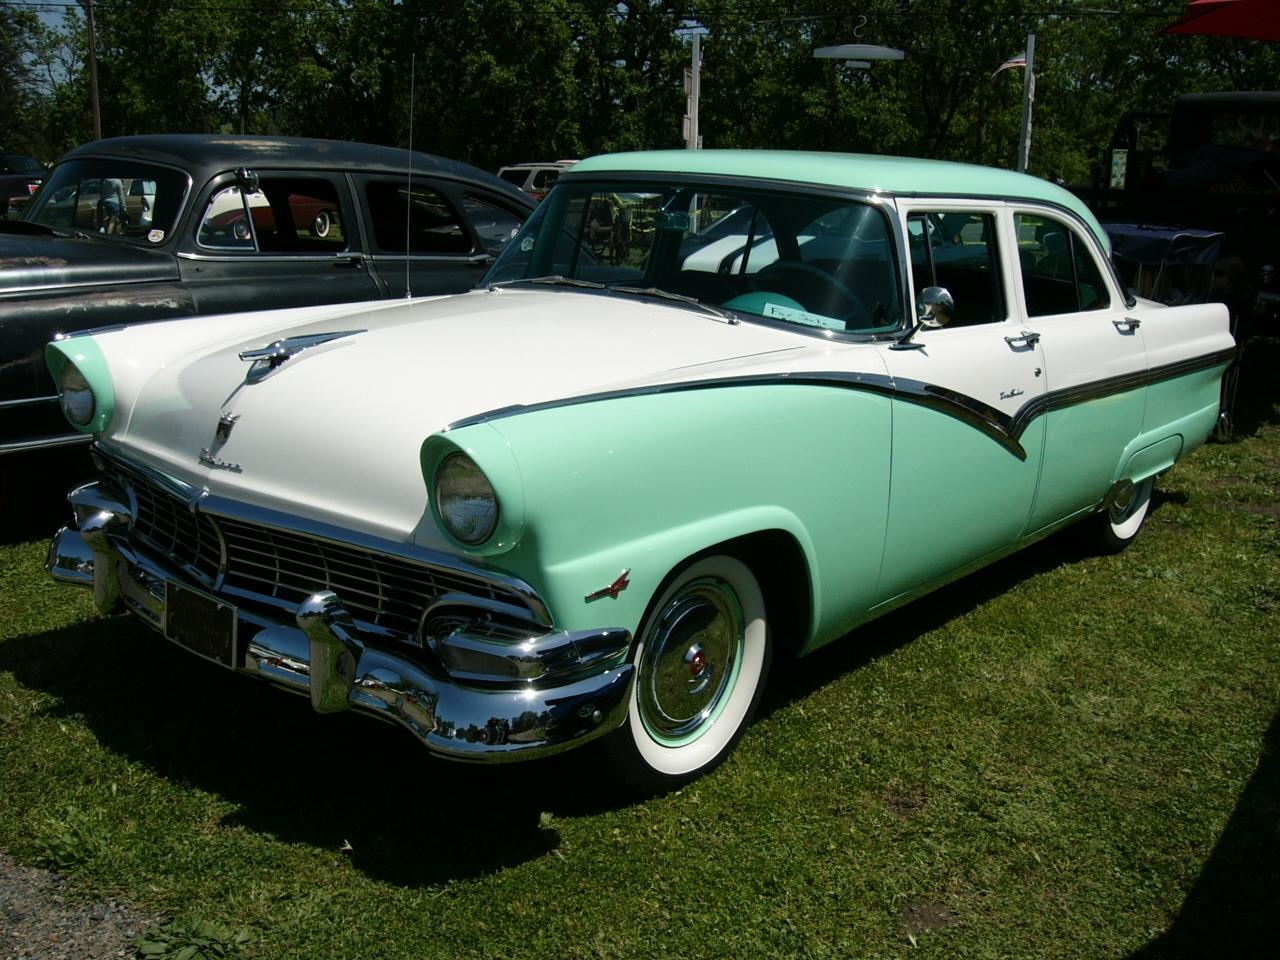 1956 ford fairlane 4 dr sedan by roadtripdog on deviantart for 1956 ford fairlane 4 door